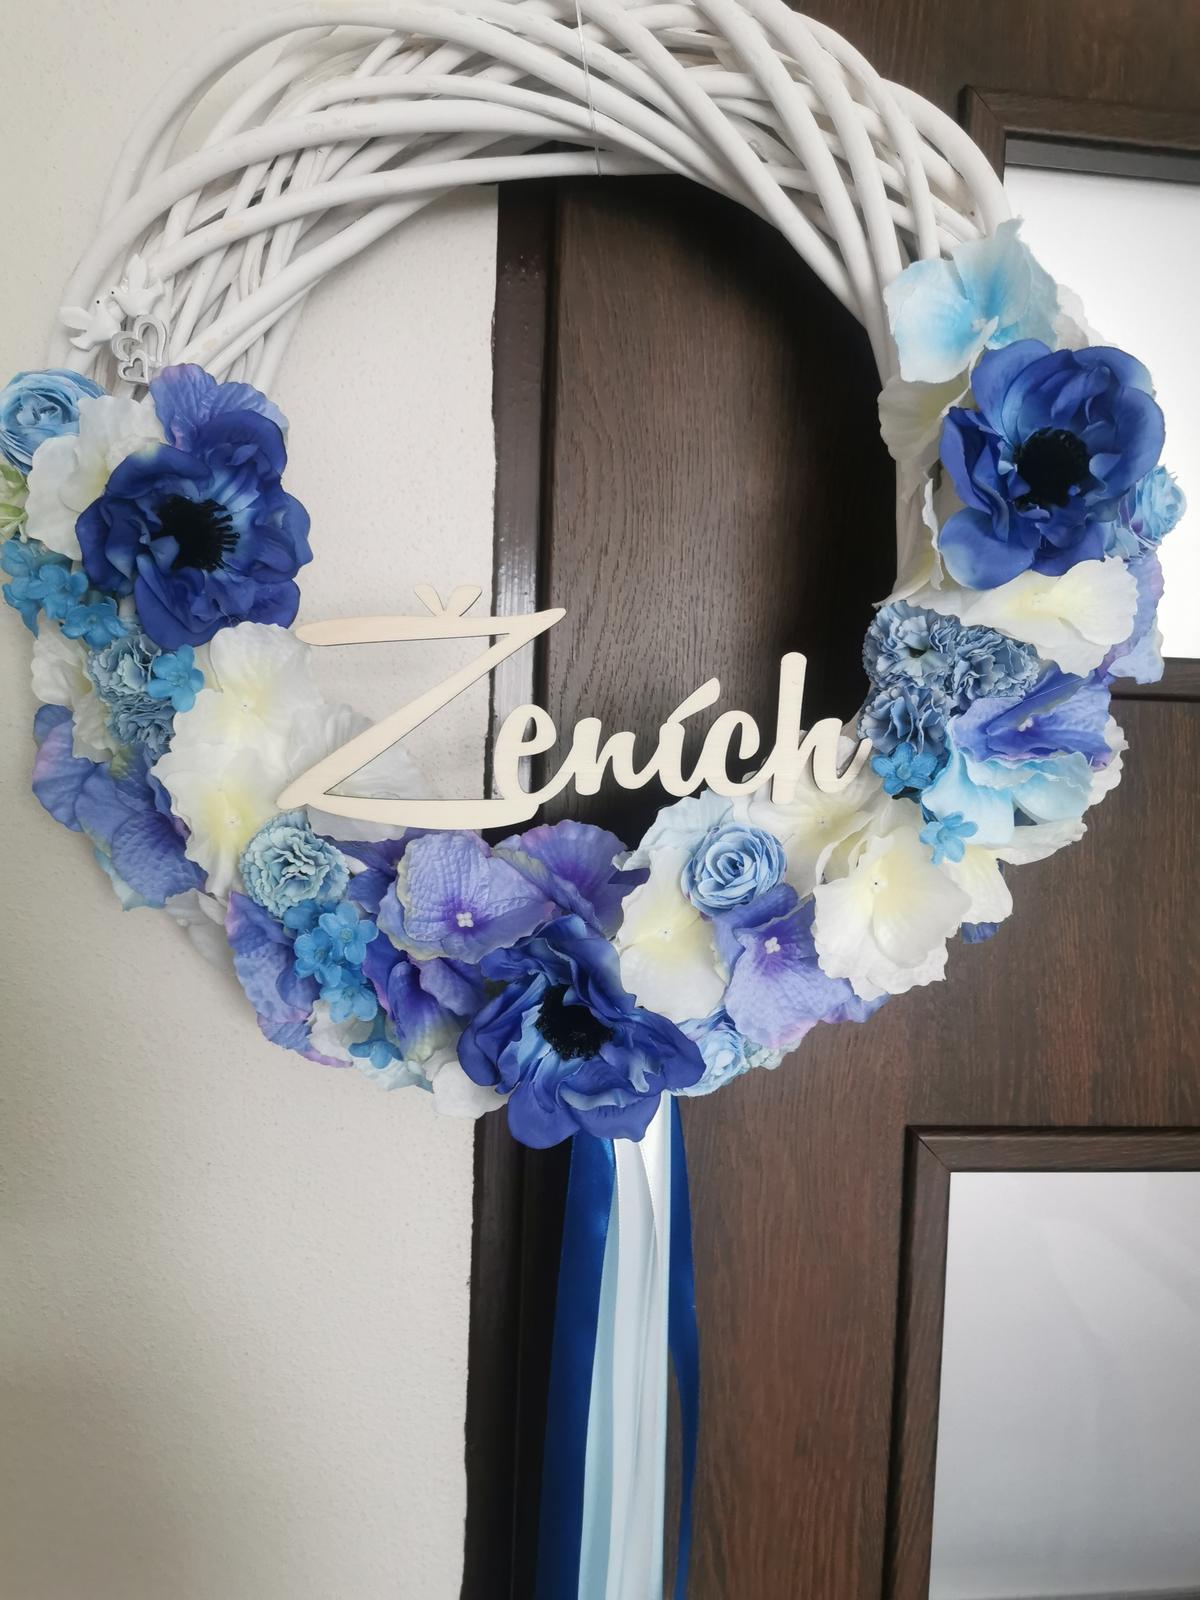 Venčeky na dvere pre ženícha  - Obrázok č. 1